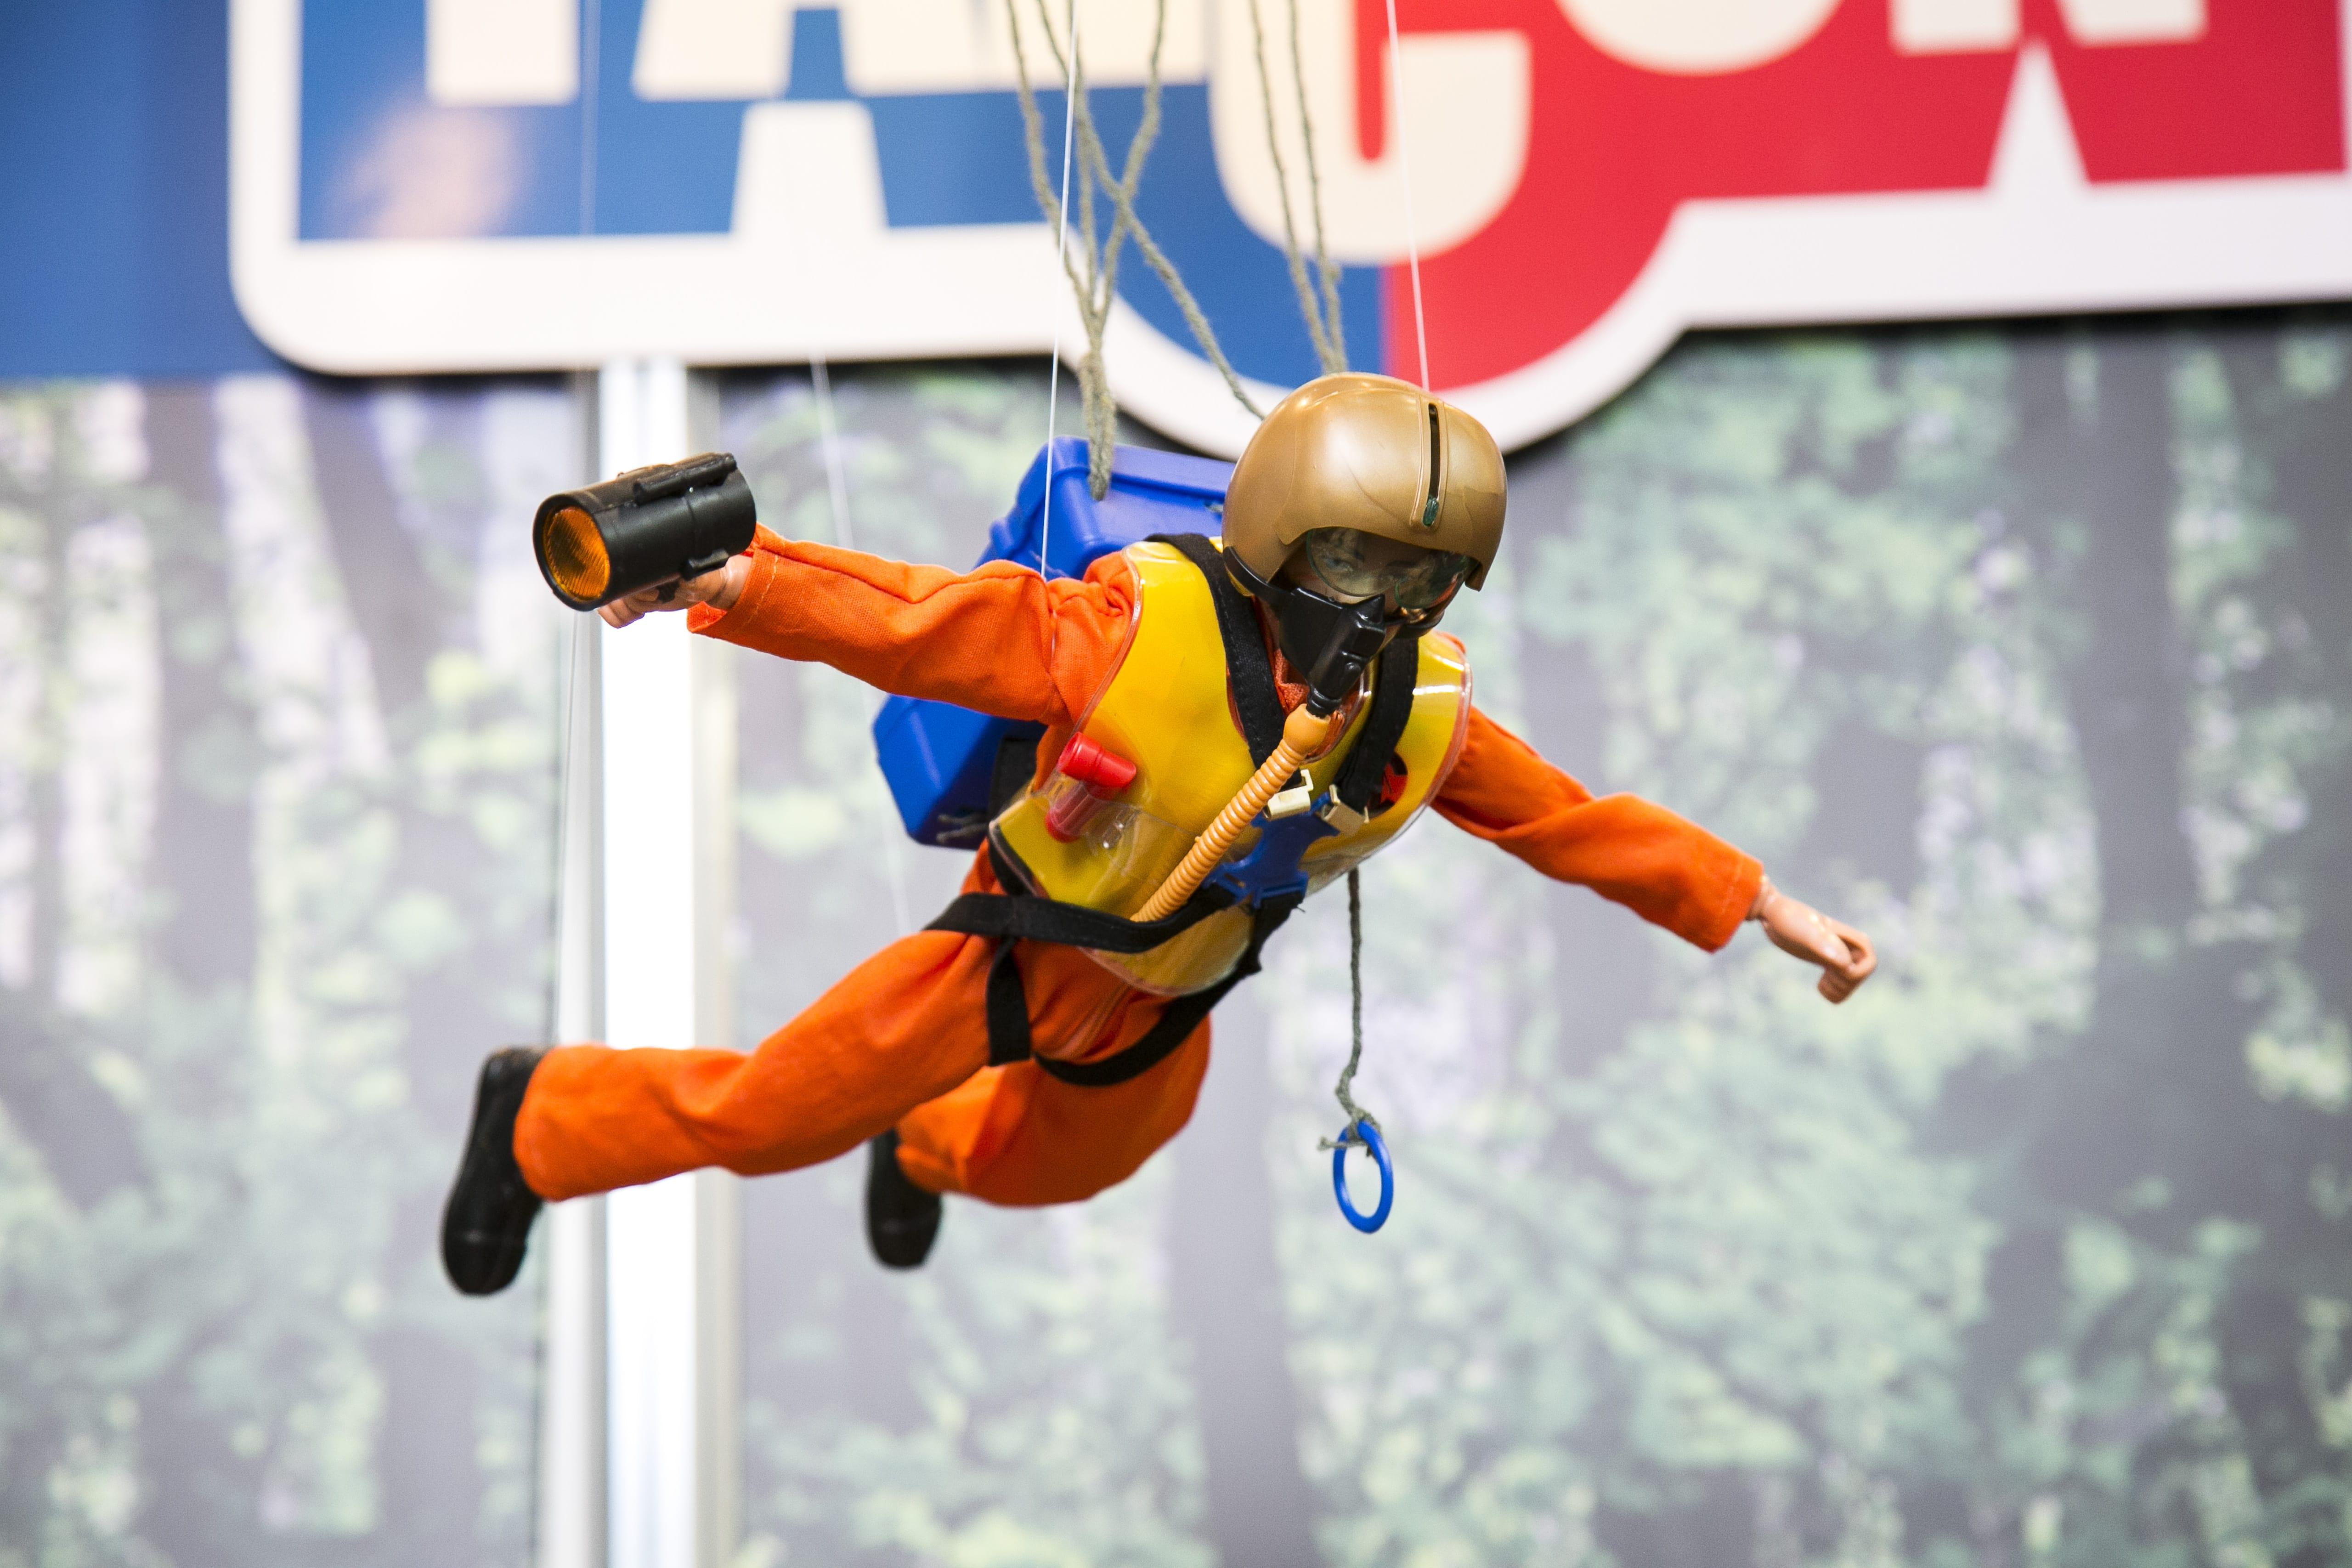 Boneco Falcon Salto Fantástico de Paraquedas